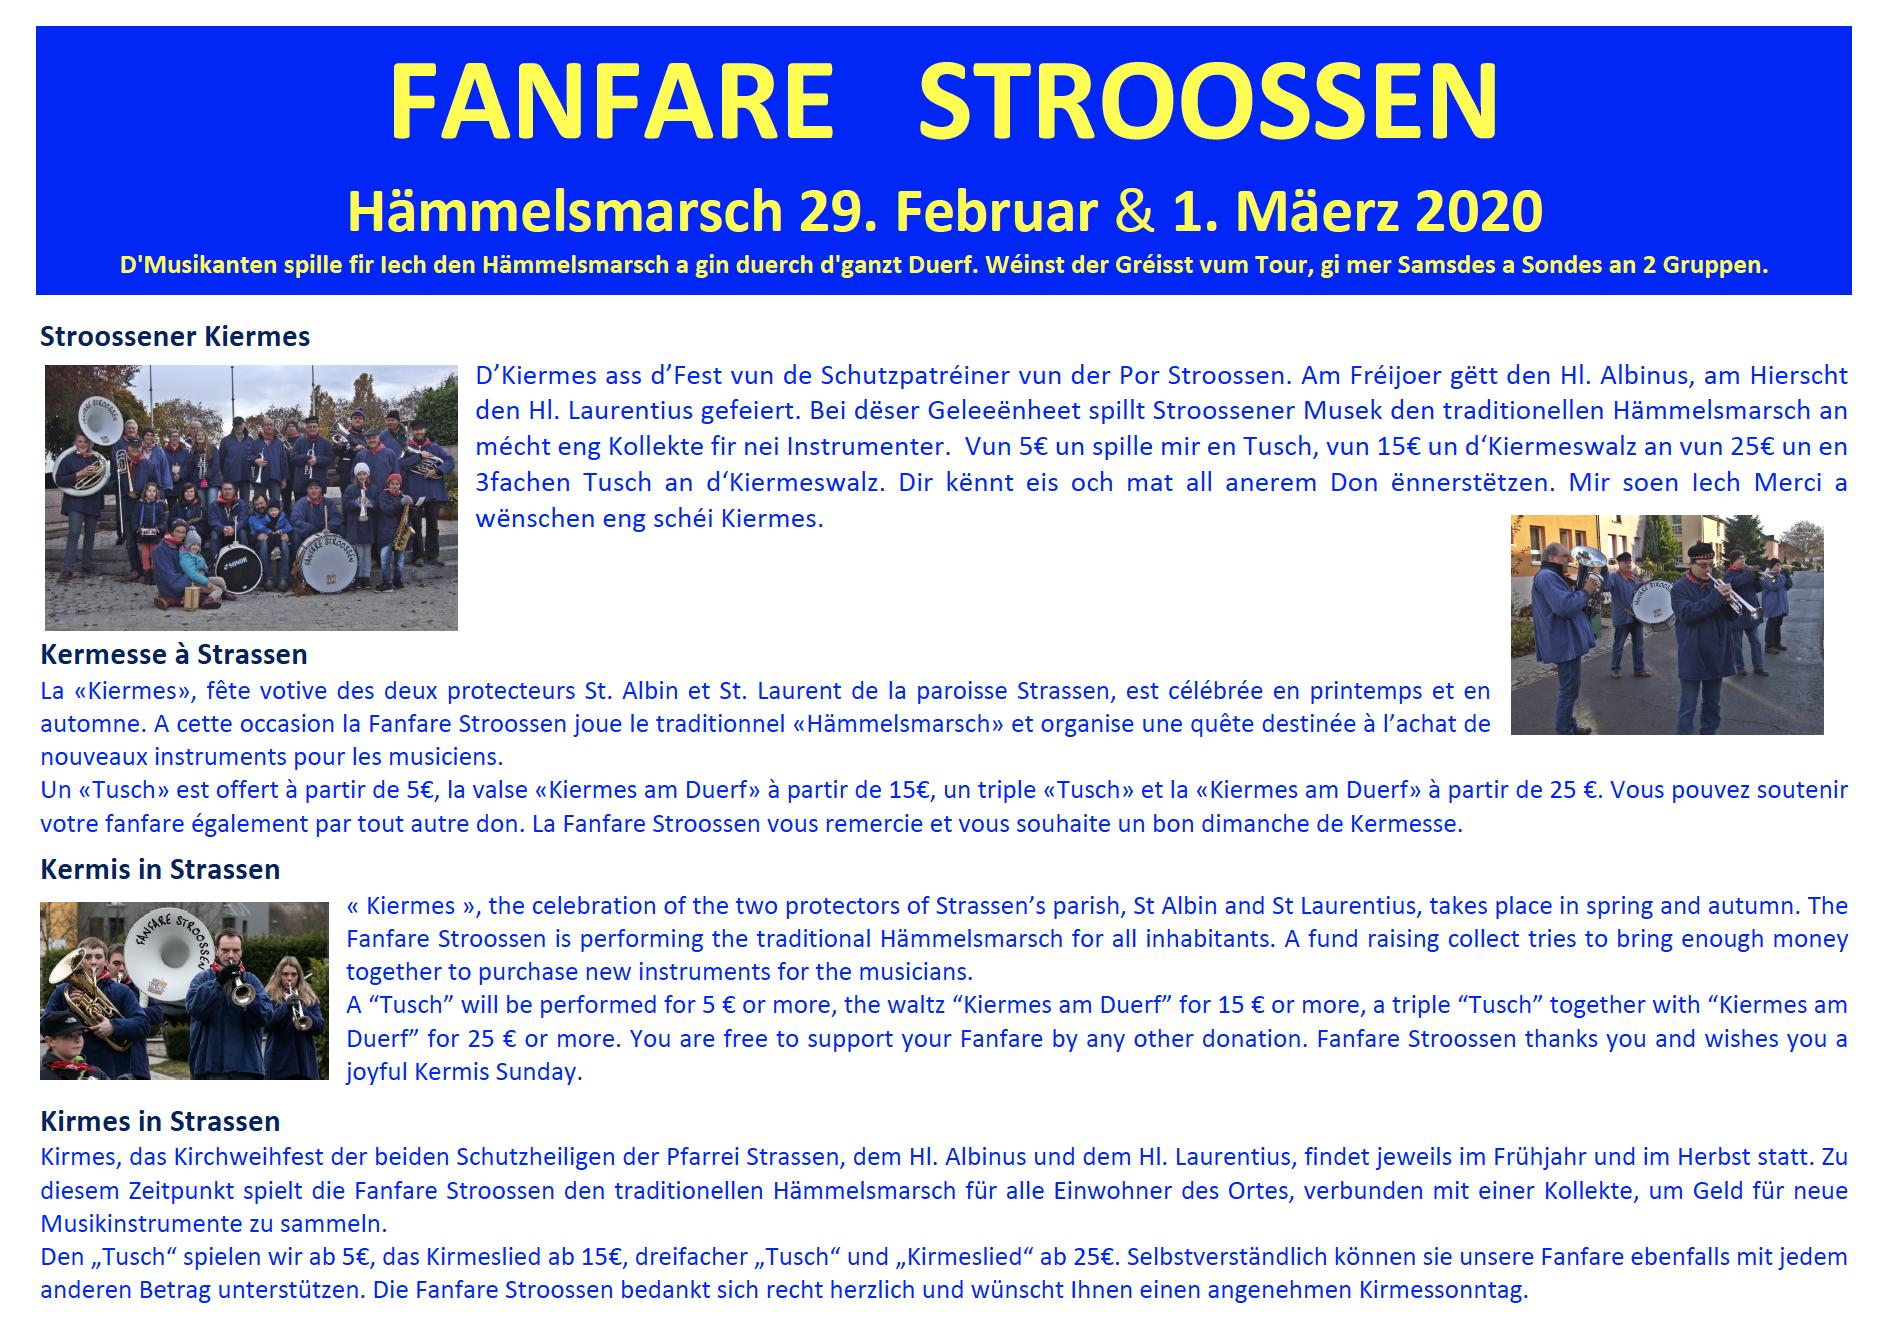 Hämmelsmarsch zu Stroossen 29. Februar & 1. Mäerz